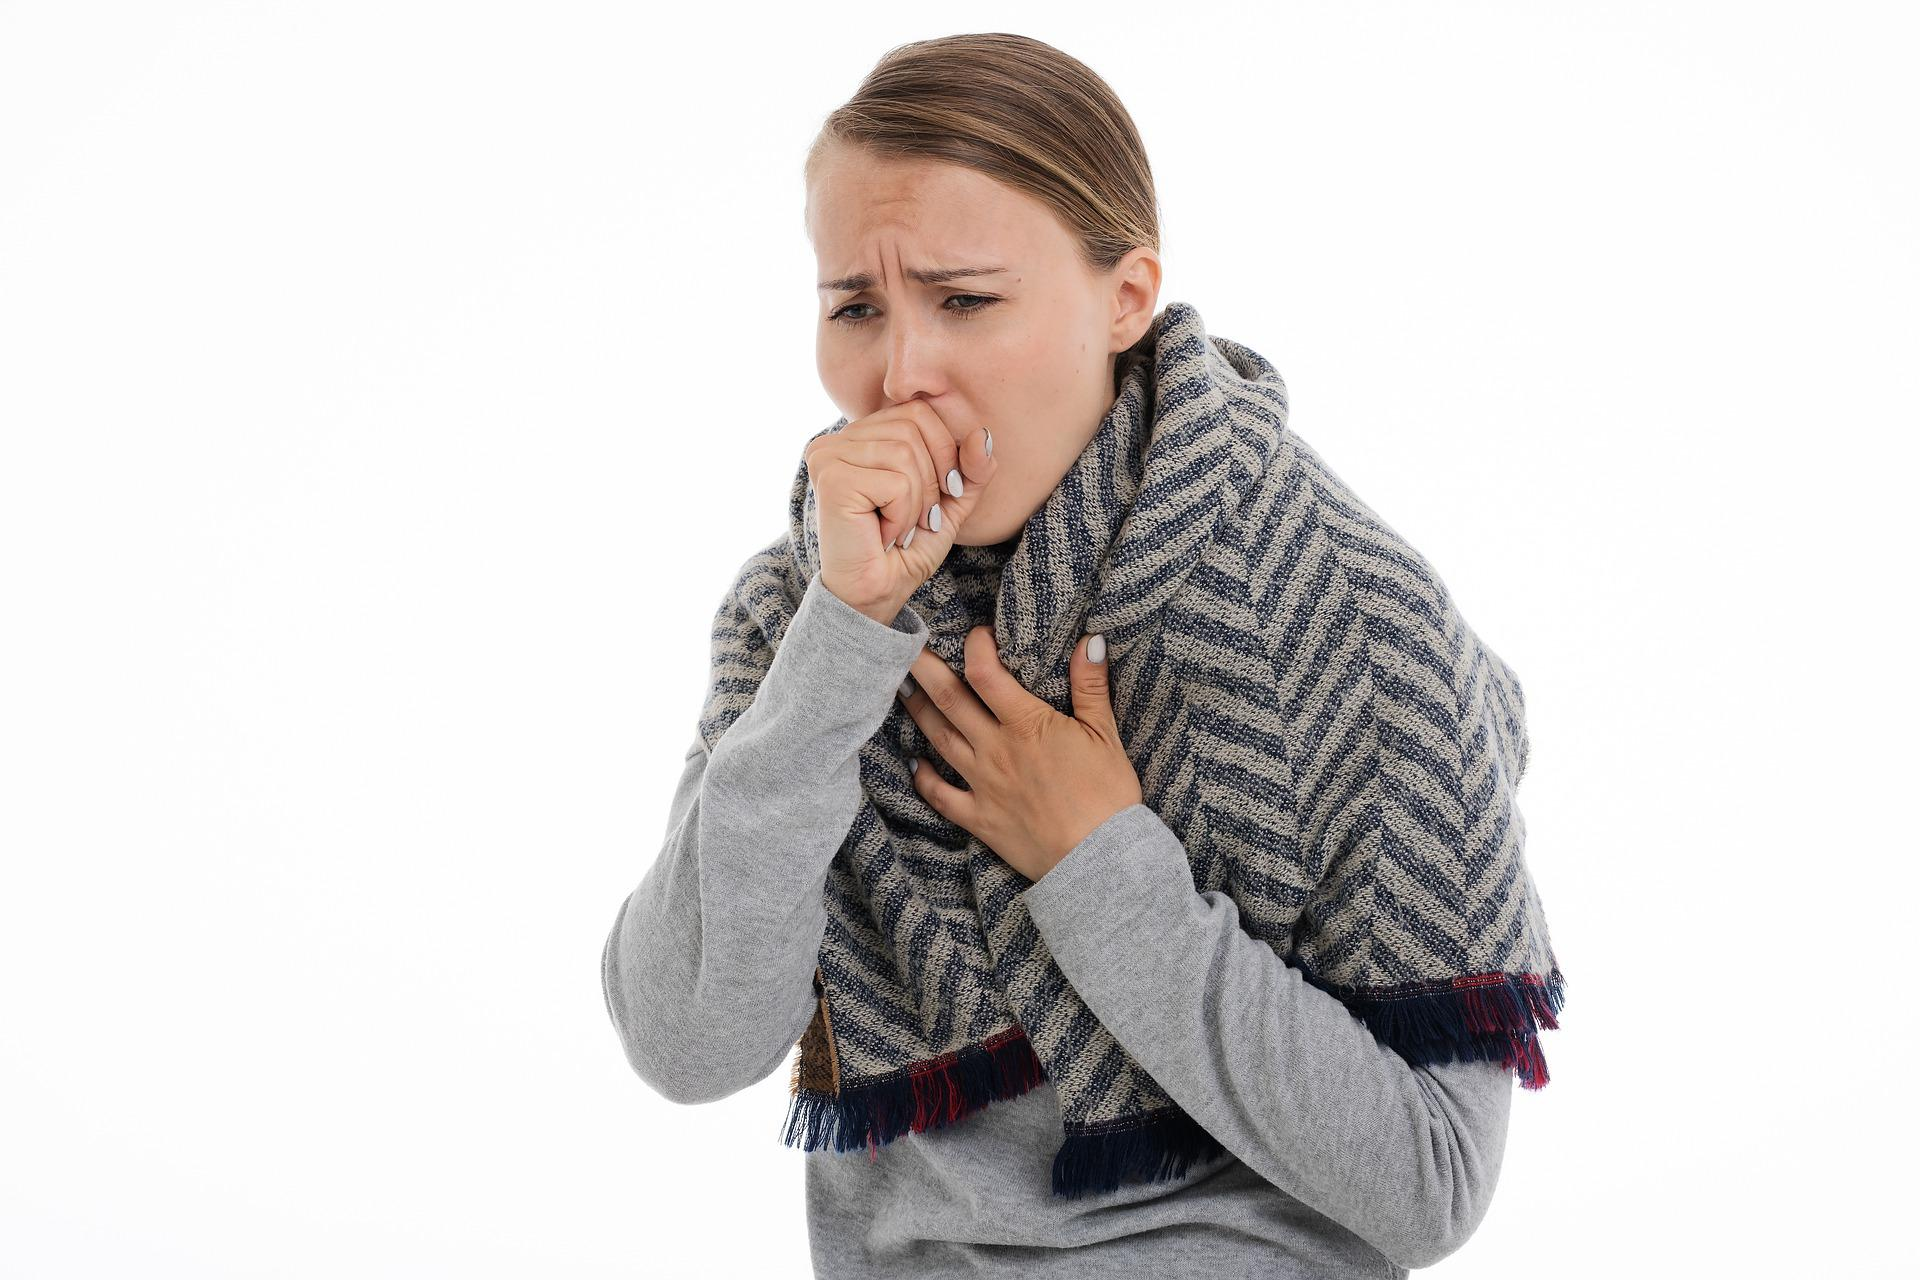 Grippe l'Occitanie en phase épidémique, dèjà 17 morts en France